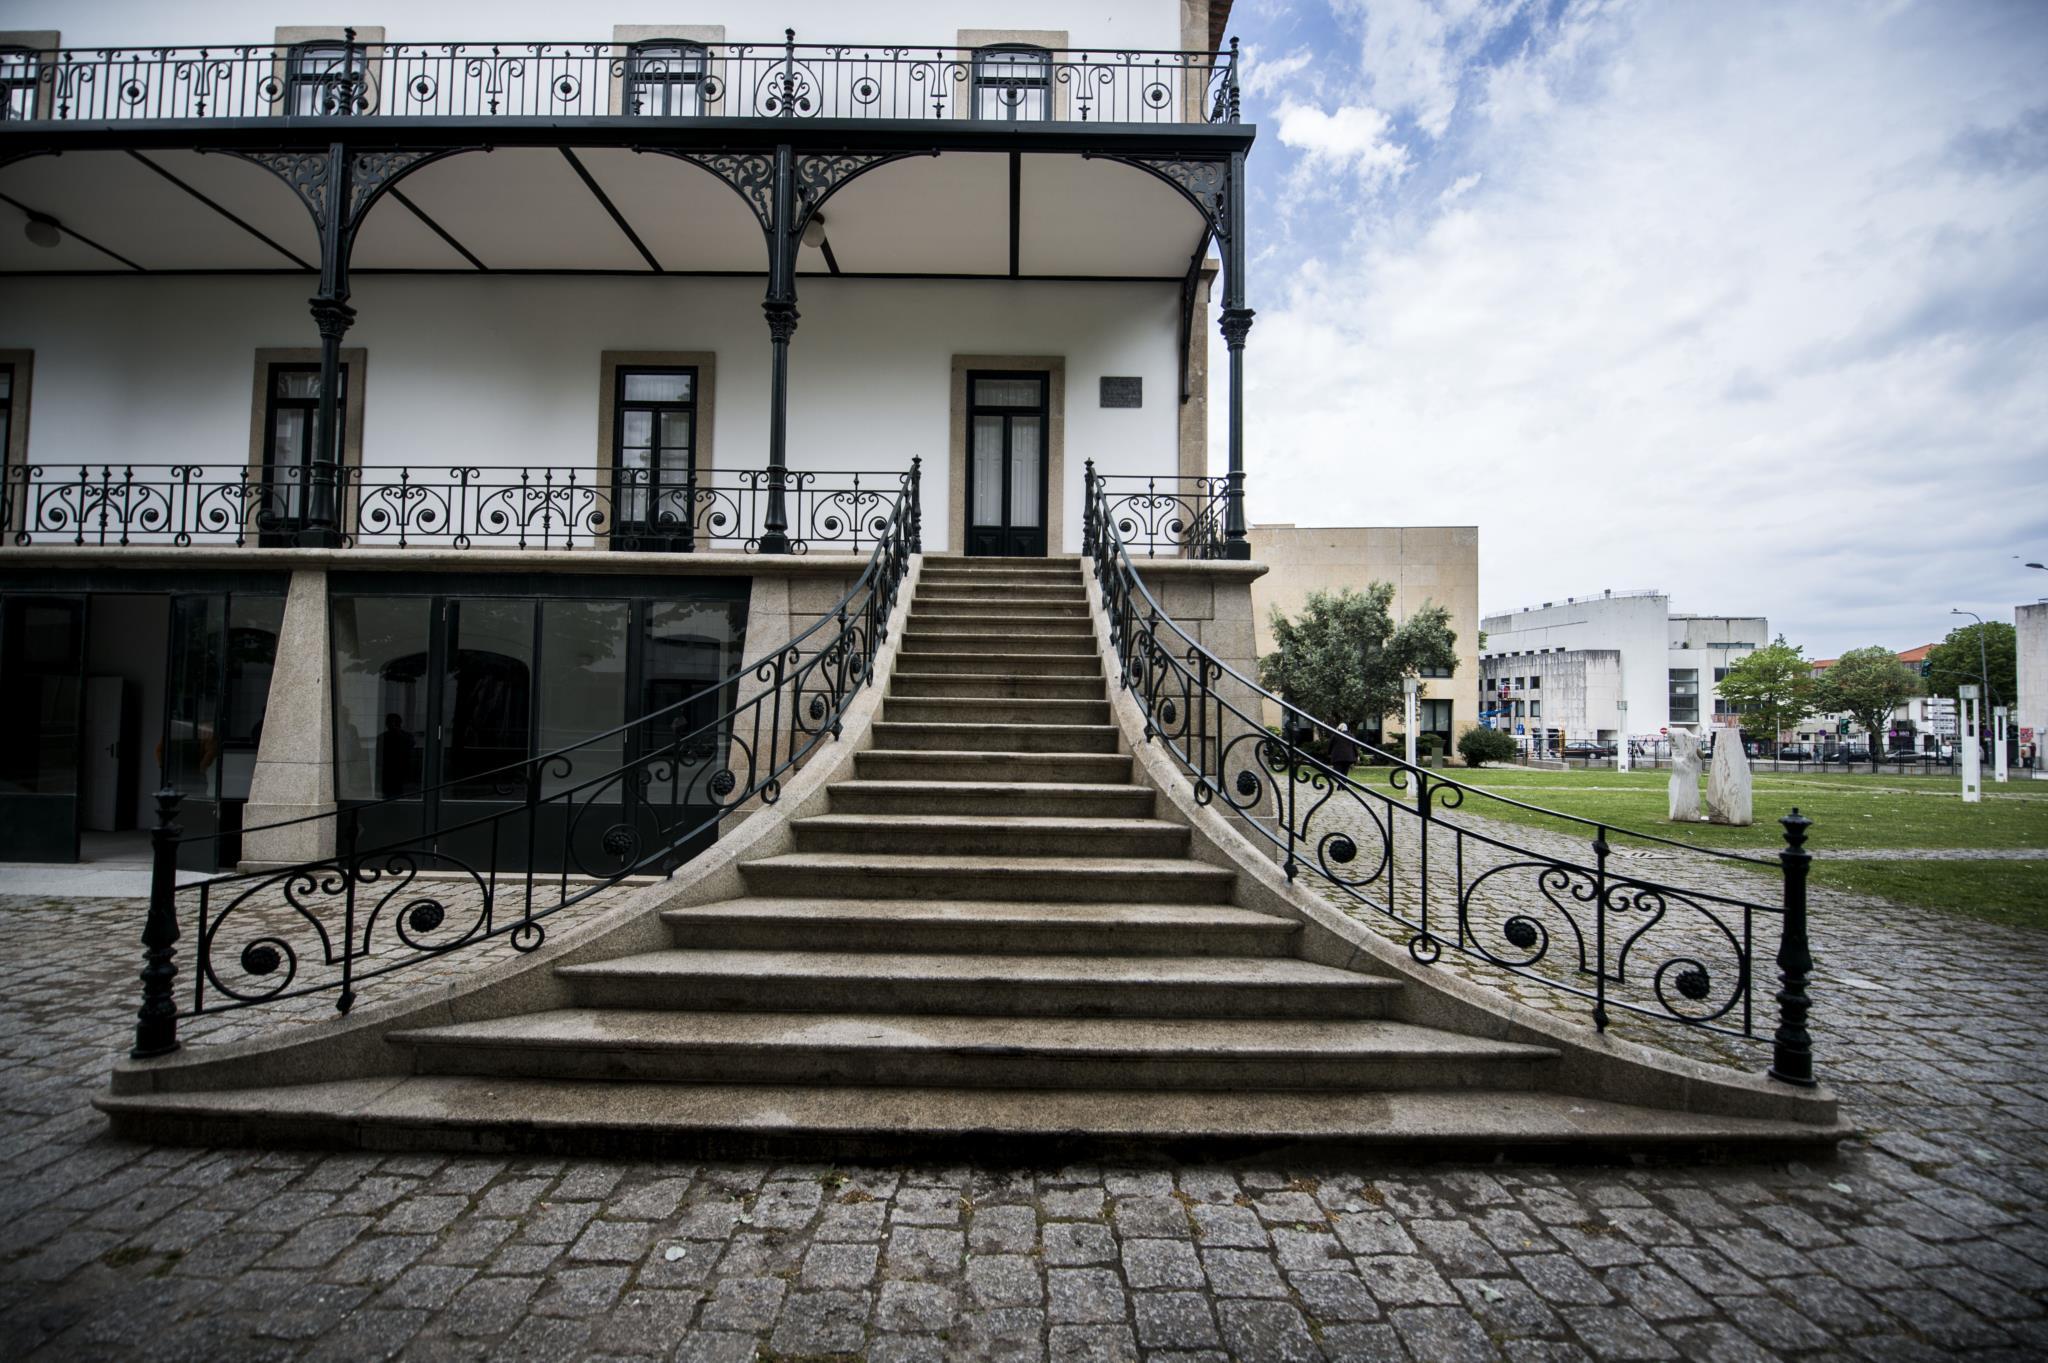 PÚBLICO - Neste palacete vão ser guardadas as memórias de Matosinhos